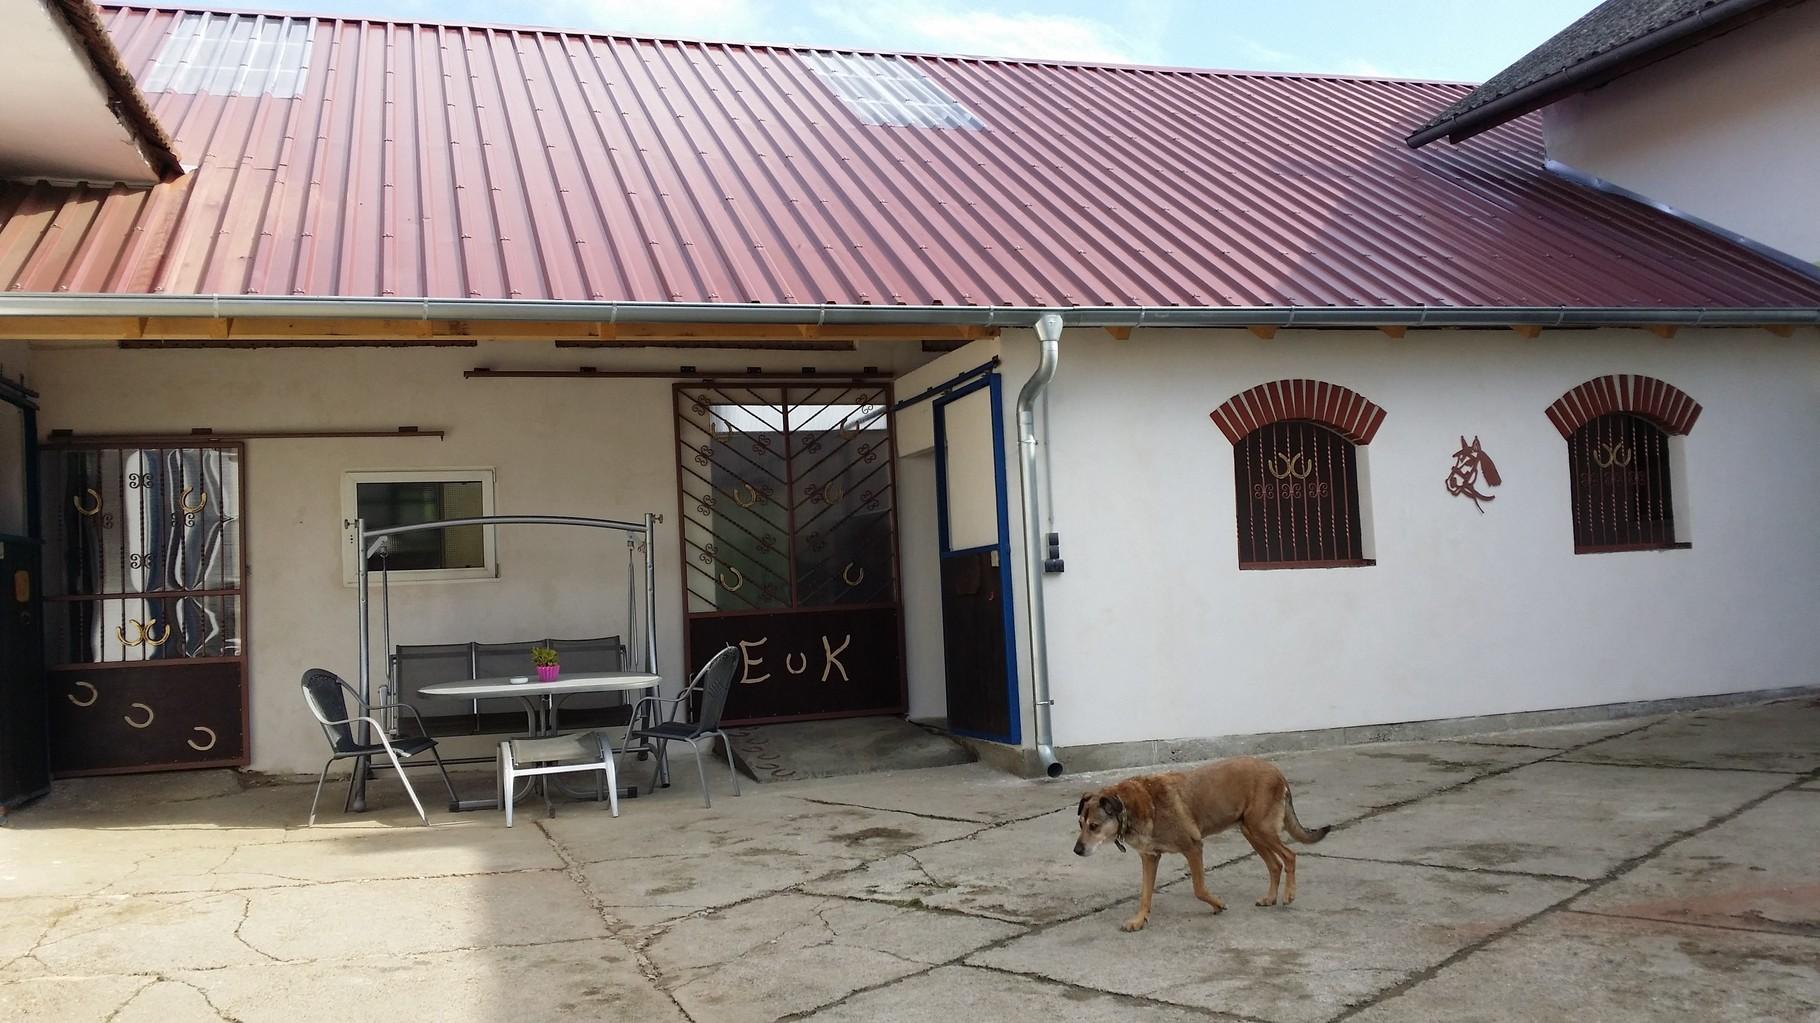 Innenhofboxen- hier relaxed Mensch und Tier